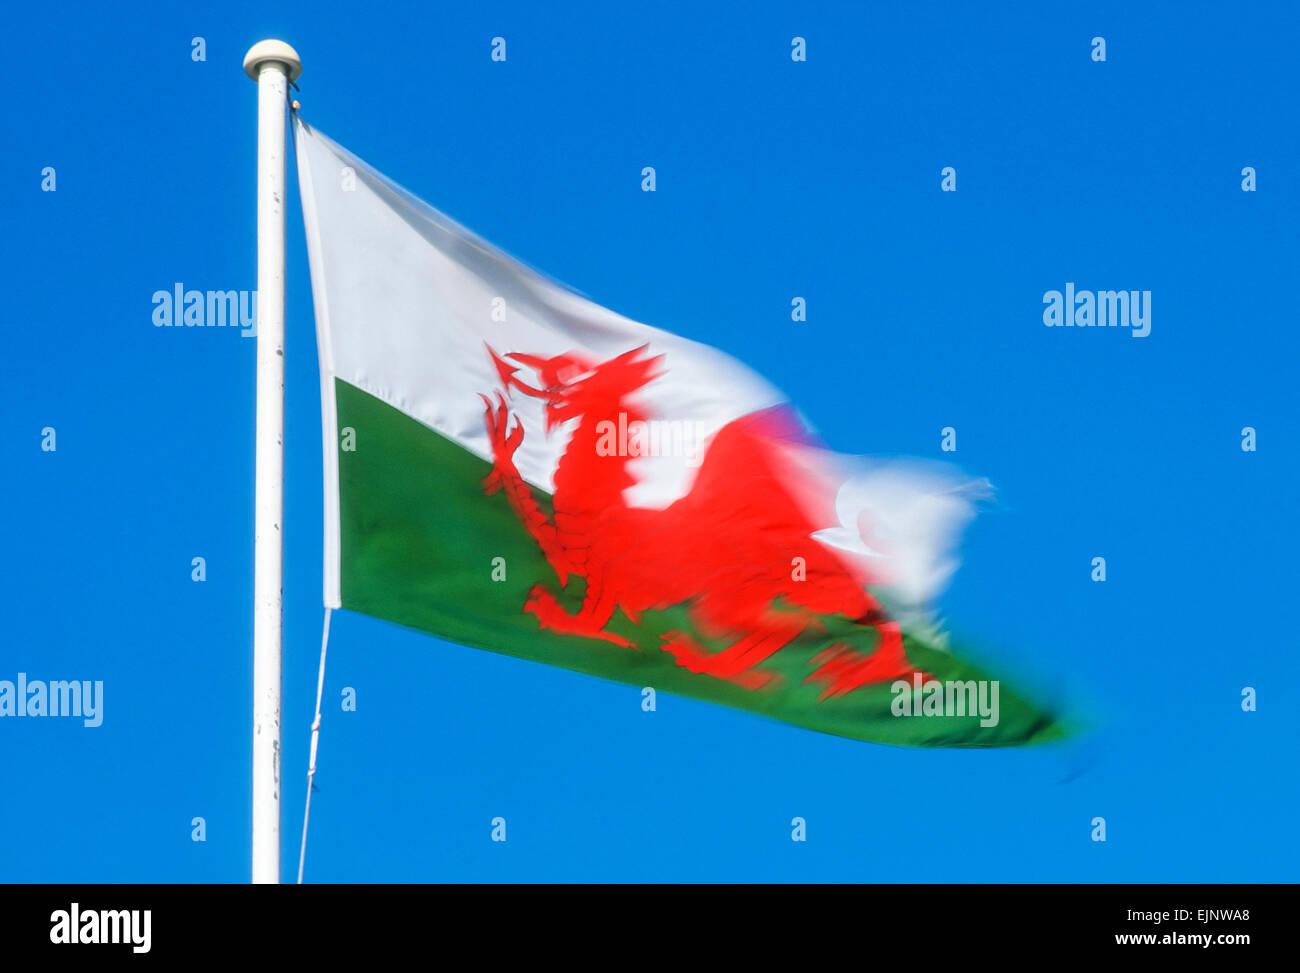 Welsh bandiera al vento sul cielo azzurro sfondo, Cardiff, Galles, UK, GB UE, Europa Immagini Stock